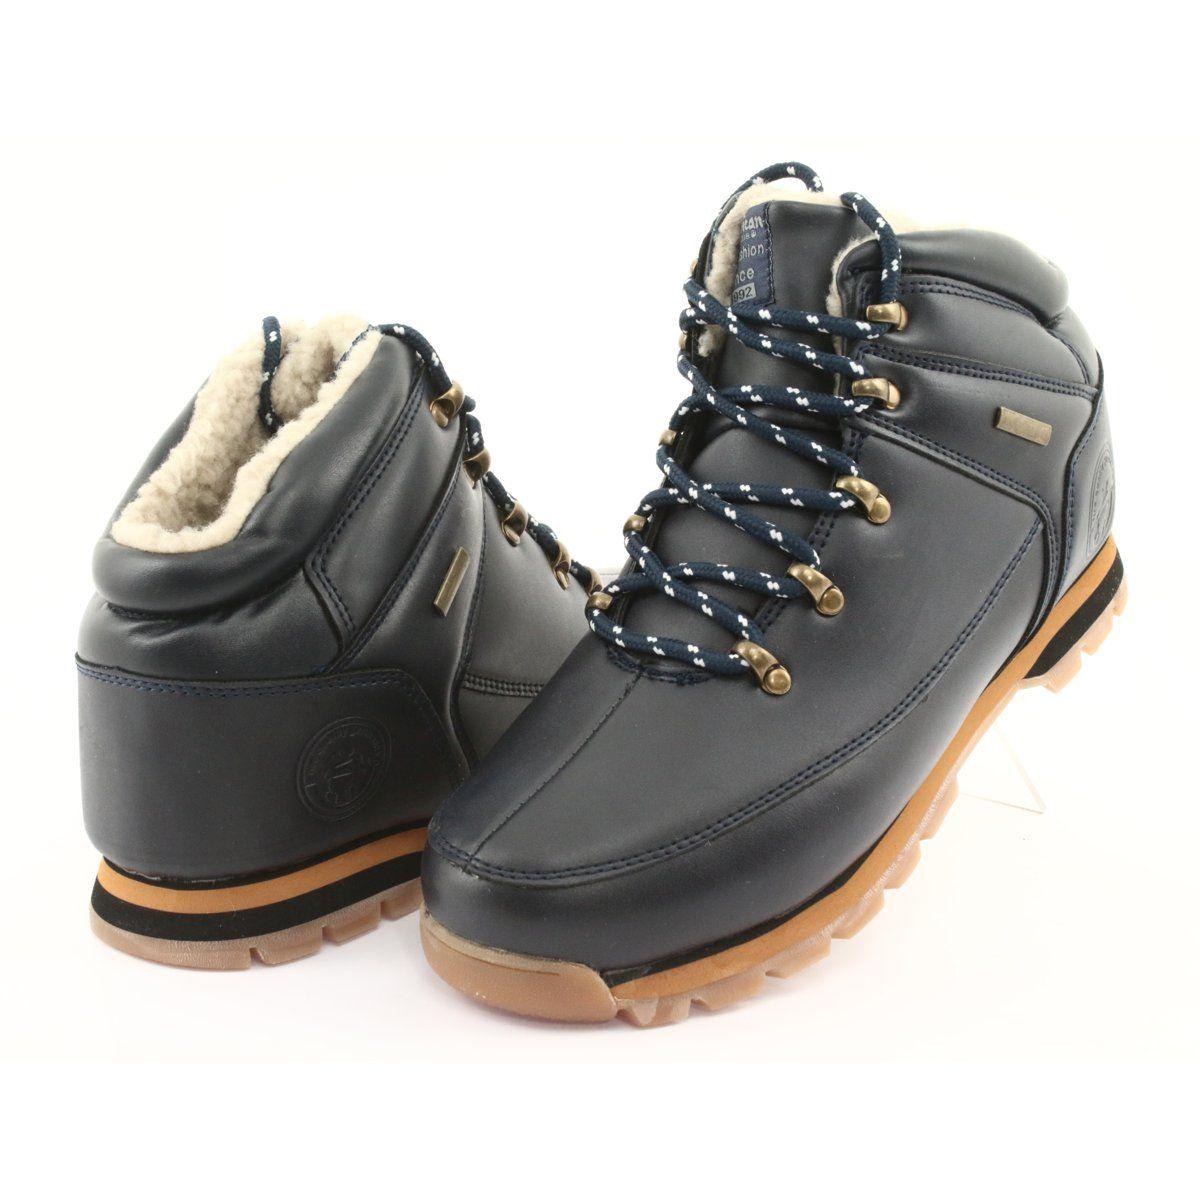 American Club Trzewiki Sznurowane Es40 Navy Granatowe Navy Blue Shoes Club Shoes Blue Shoes